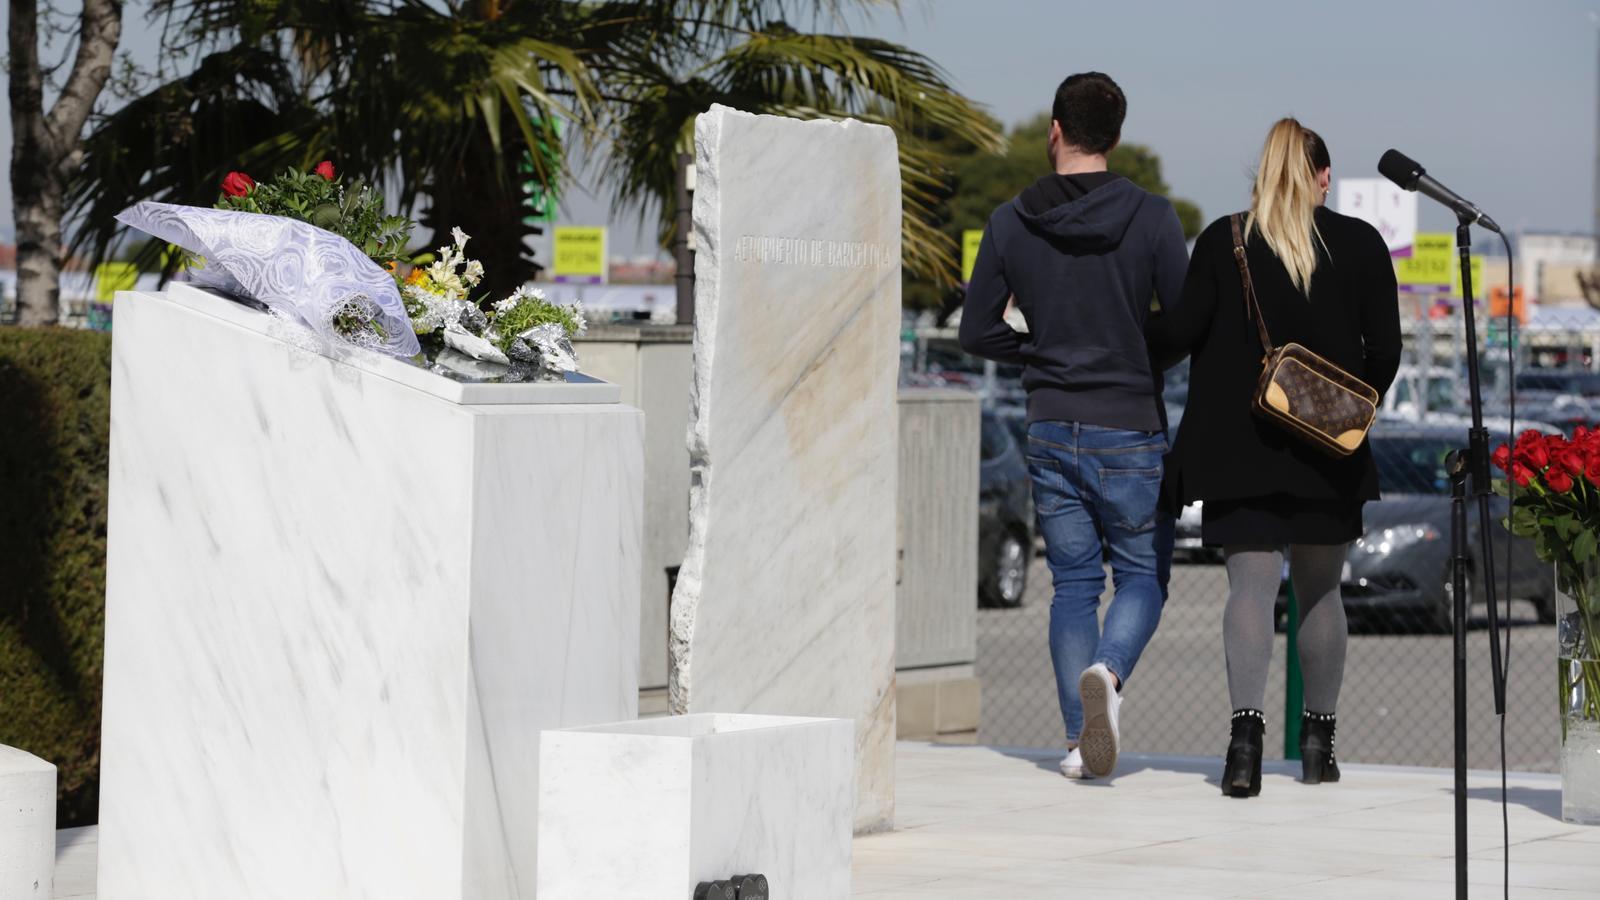 Dos joves abandonen el monòlit en record a les 150 víctimes de la tragèdia de Germanwings després de dipositar un ram de flors quan es compleixen tres anys dels fets